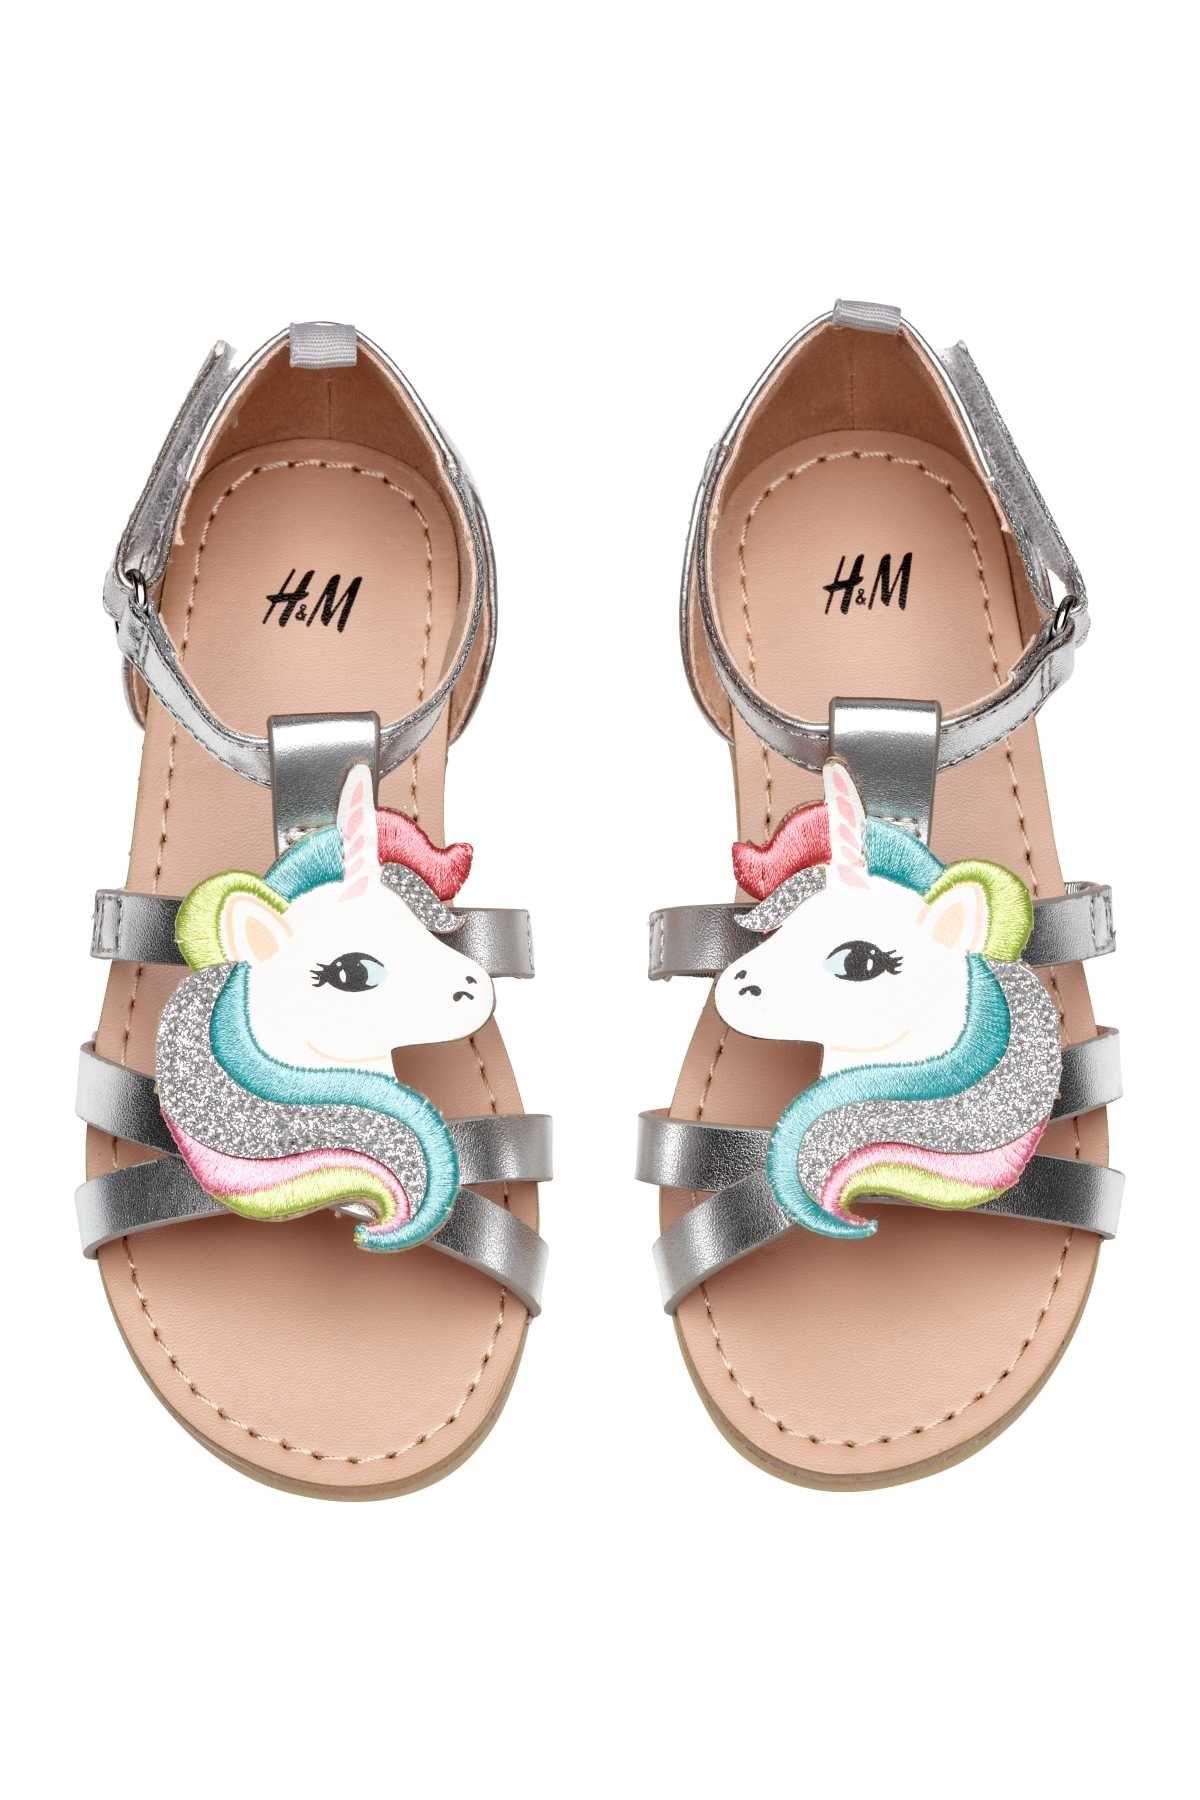 Sandals with Appliqué  b19de4b197b5